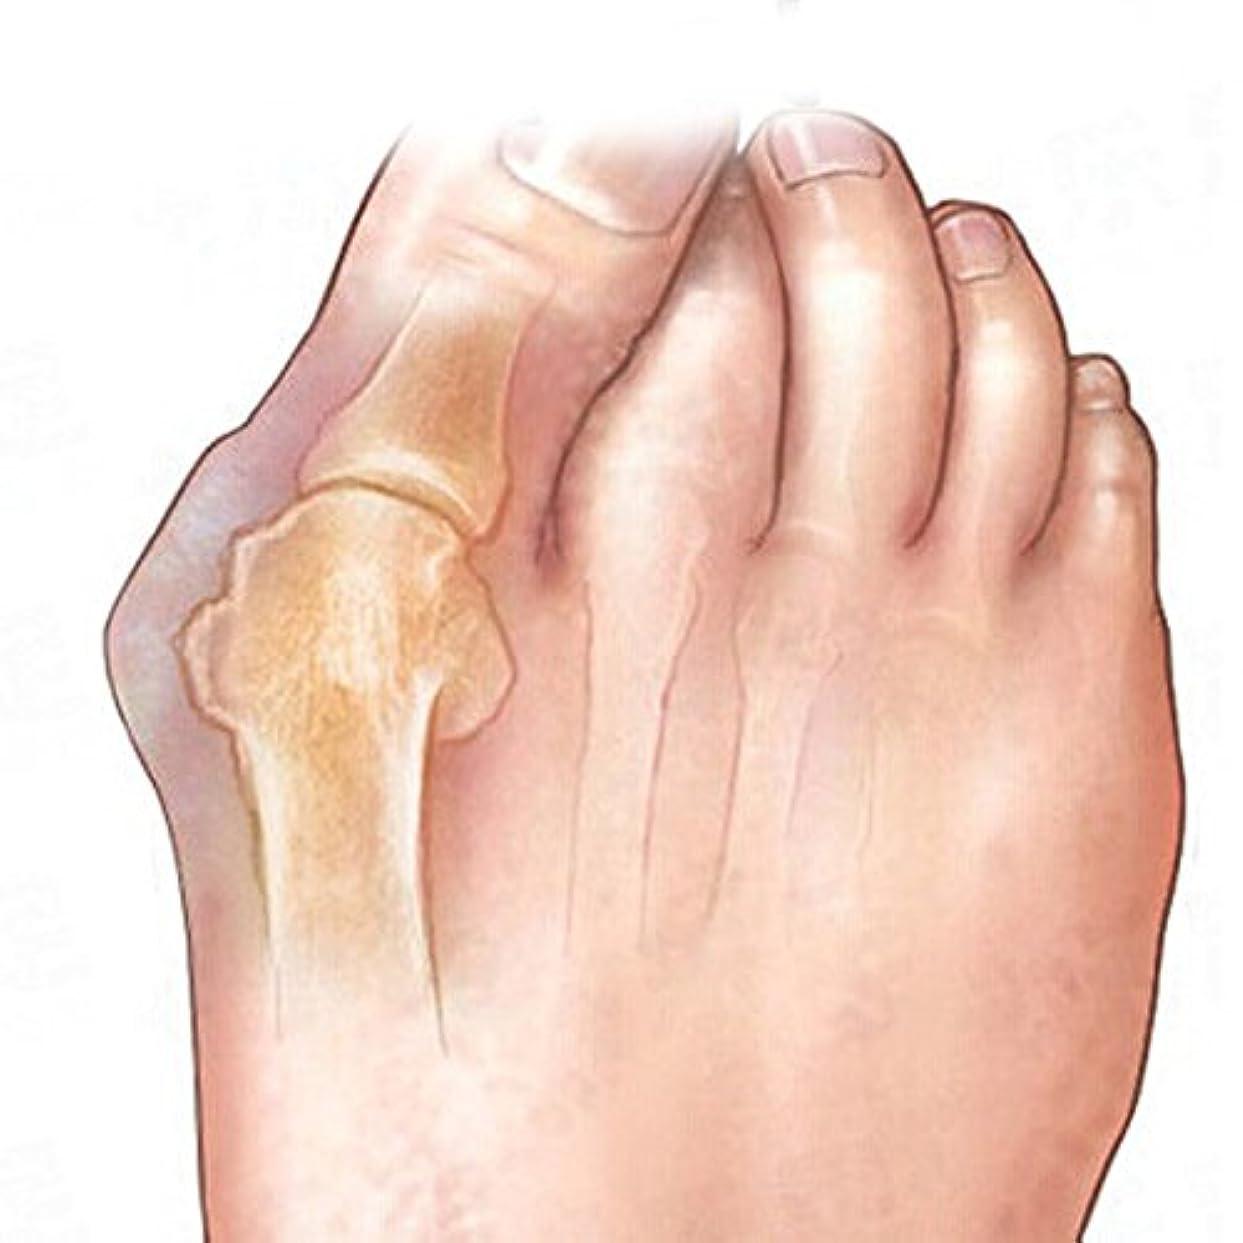 迅速確実退屈なLorny(TM) 2個フットペディキュアツール足セパレータ外反母趾シリコーンフットセパレーターフィンガービッグ足骨親指外反母趾ジェルガードマッサージャー